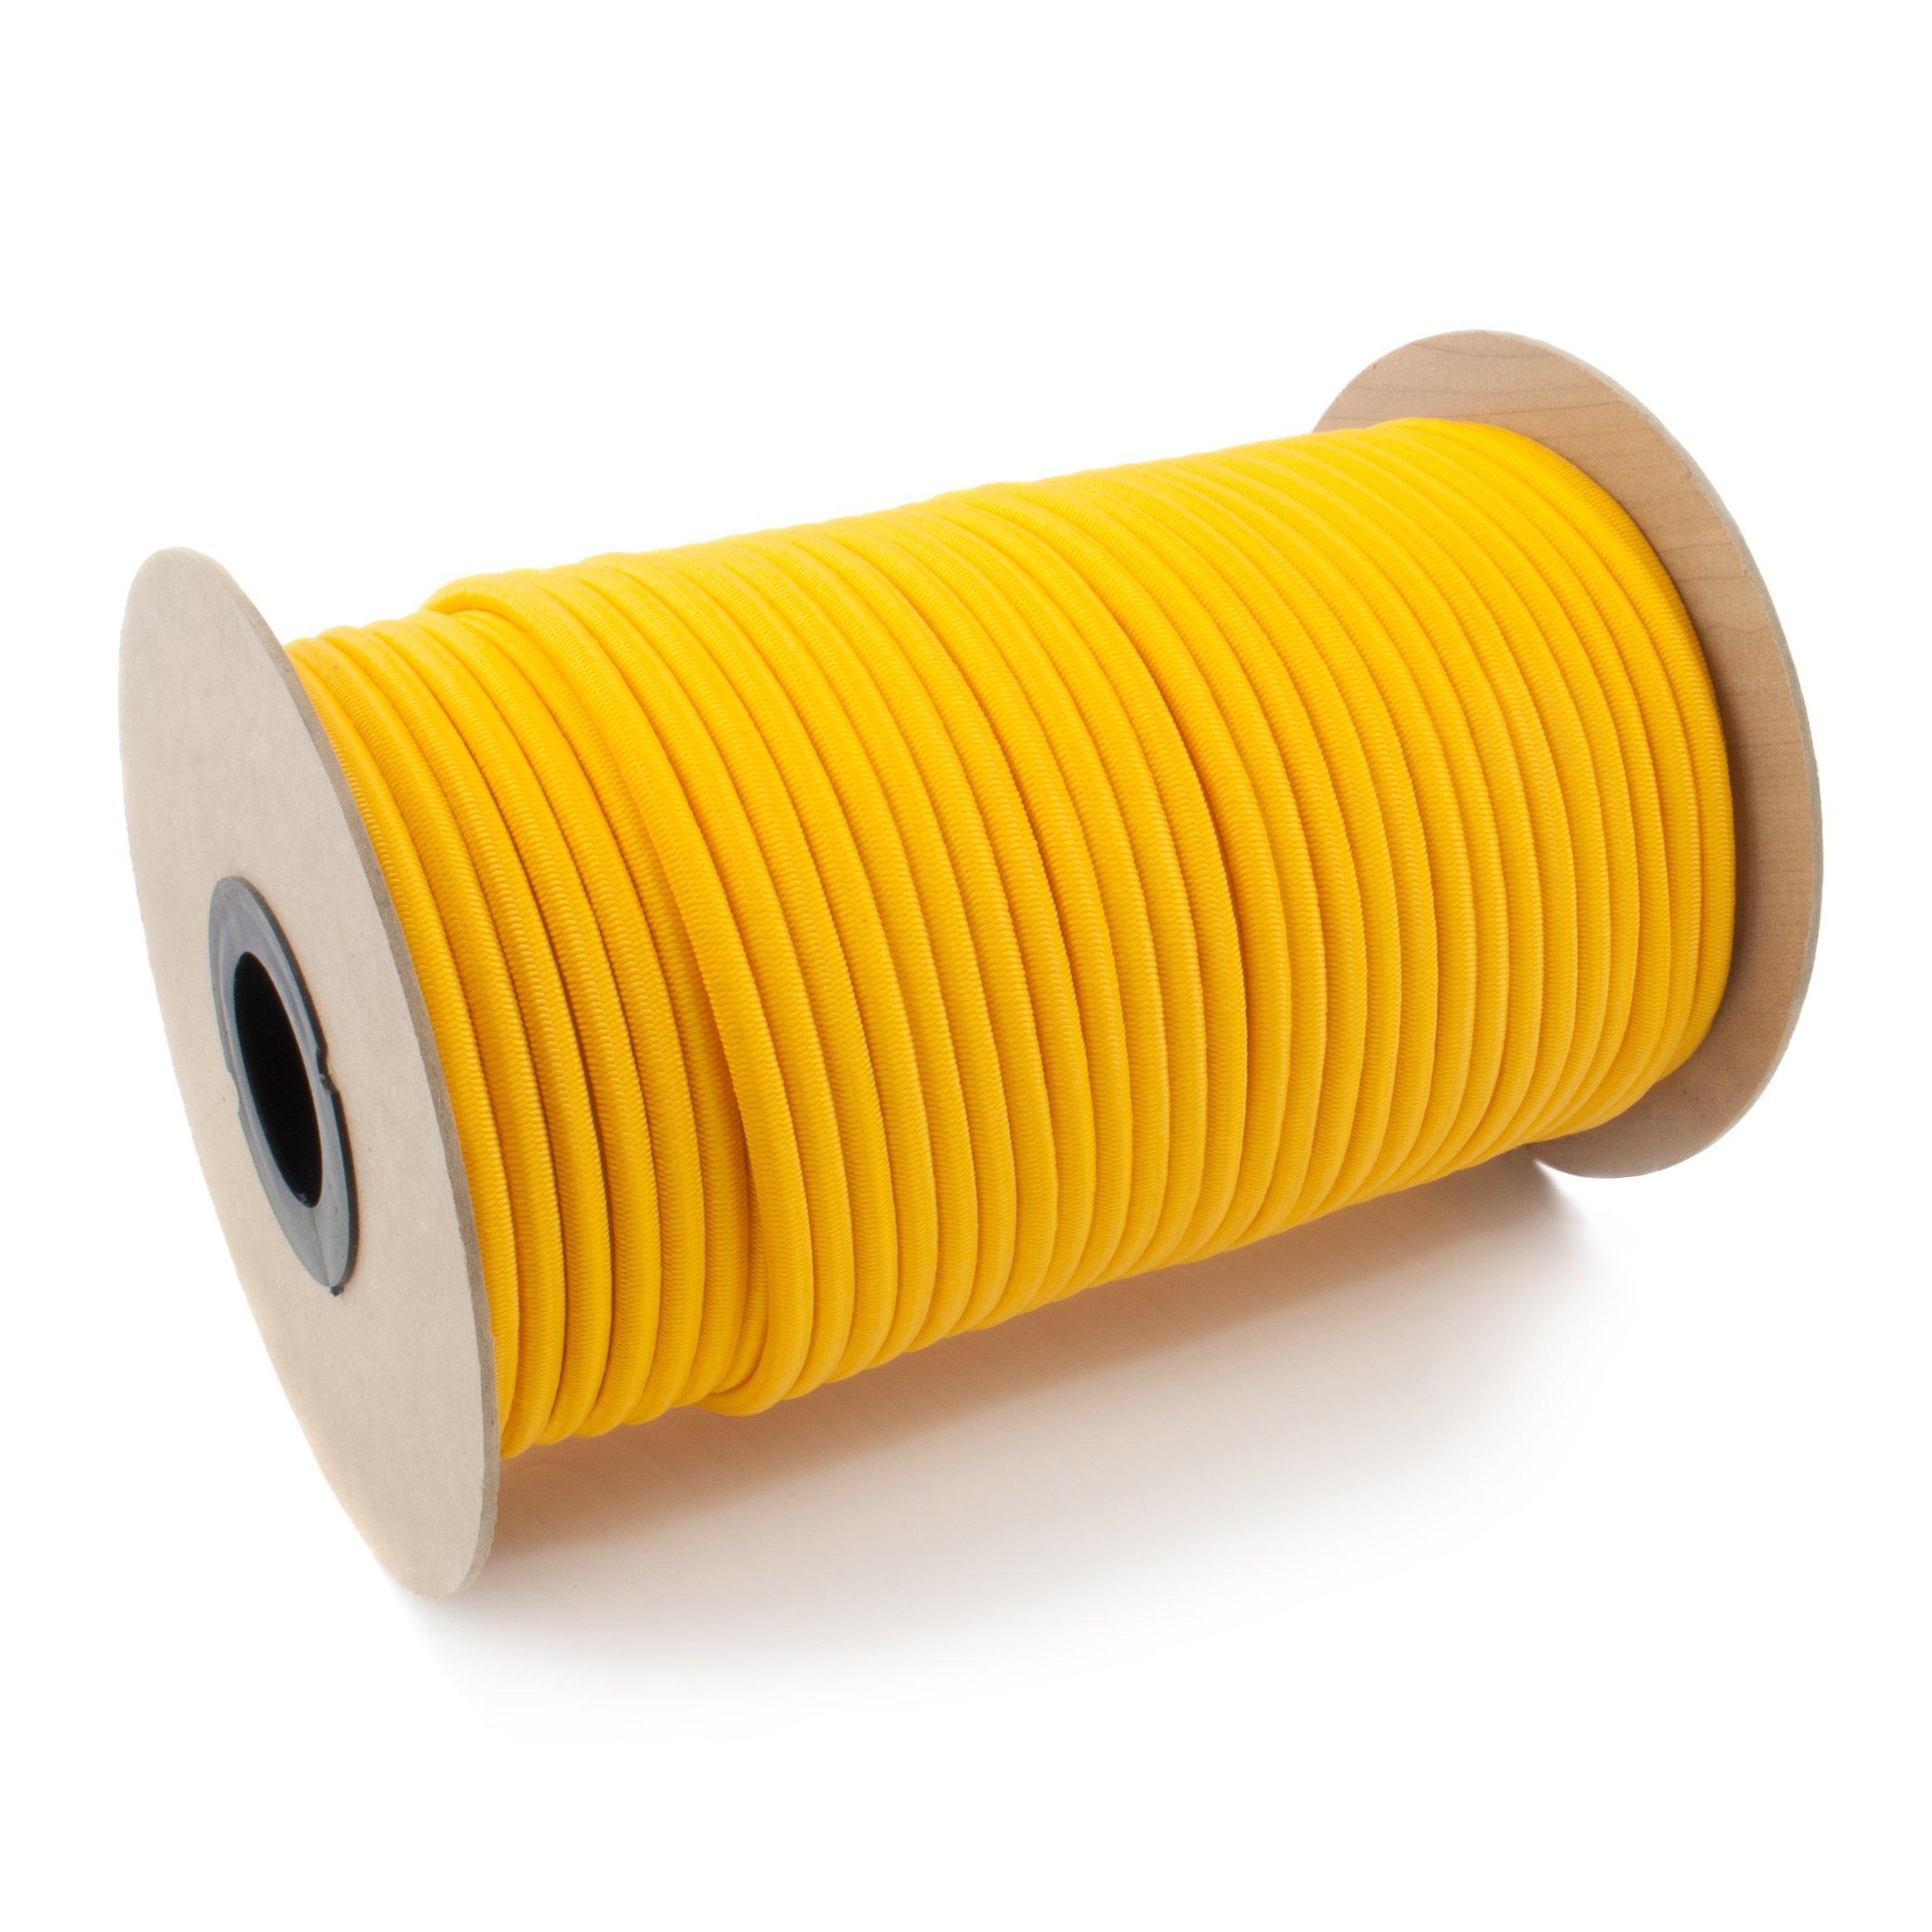 DQPP 20m cuerda el/ástica goma 5mm negro atar